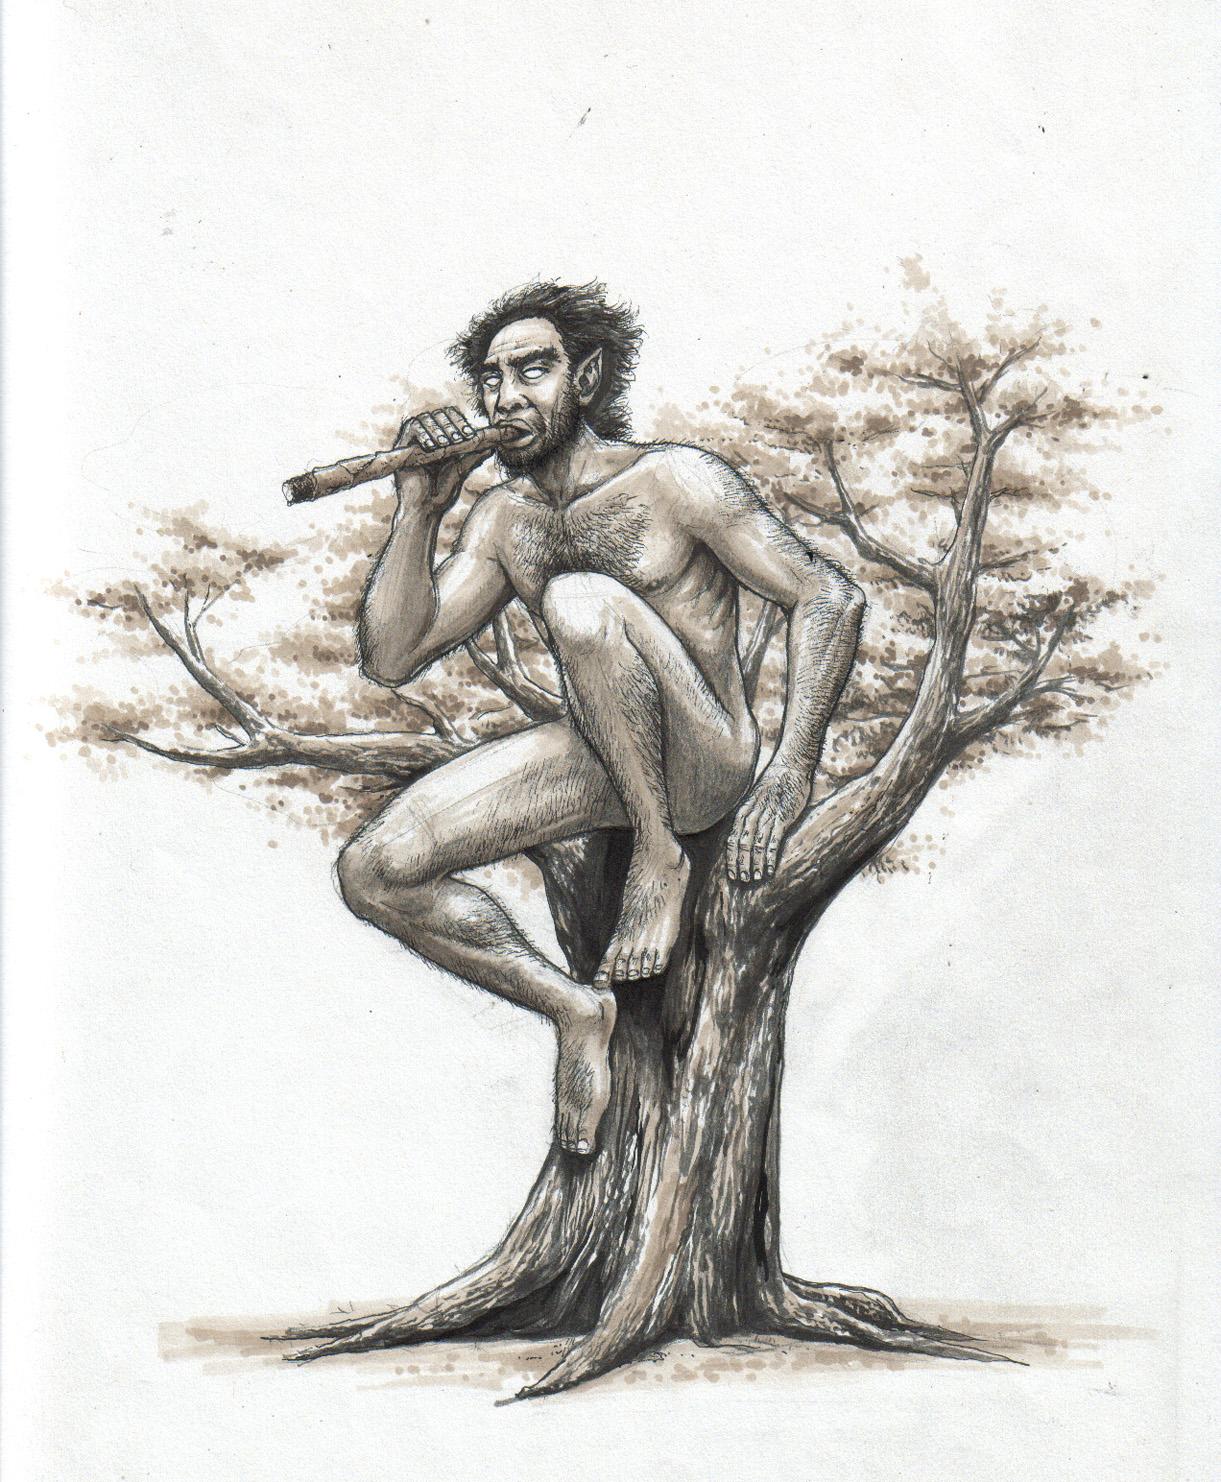 Kapre | Mythology Wiki | FANDOM powered by Wikia